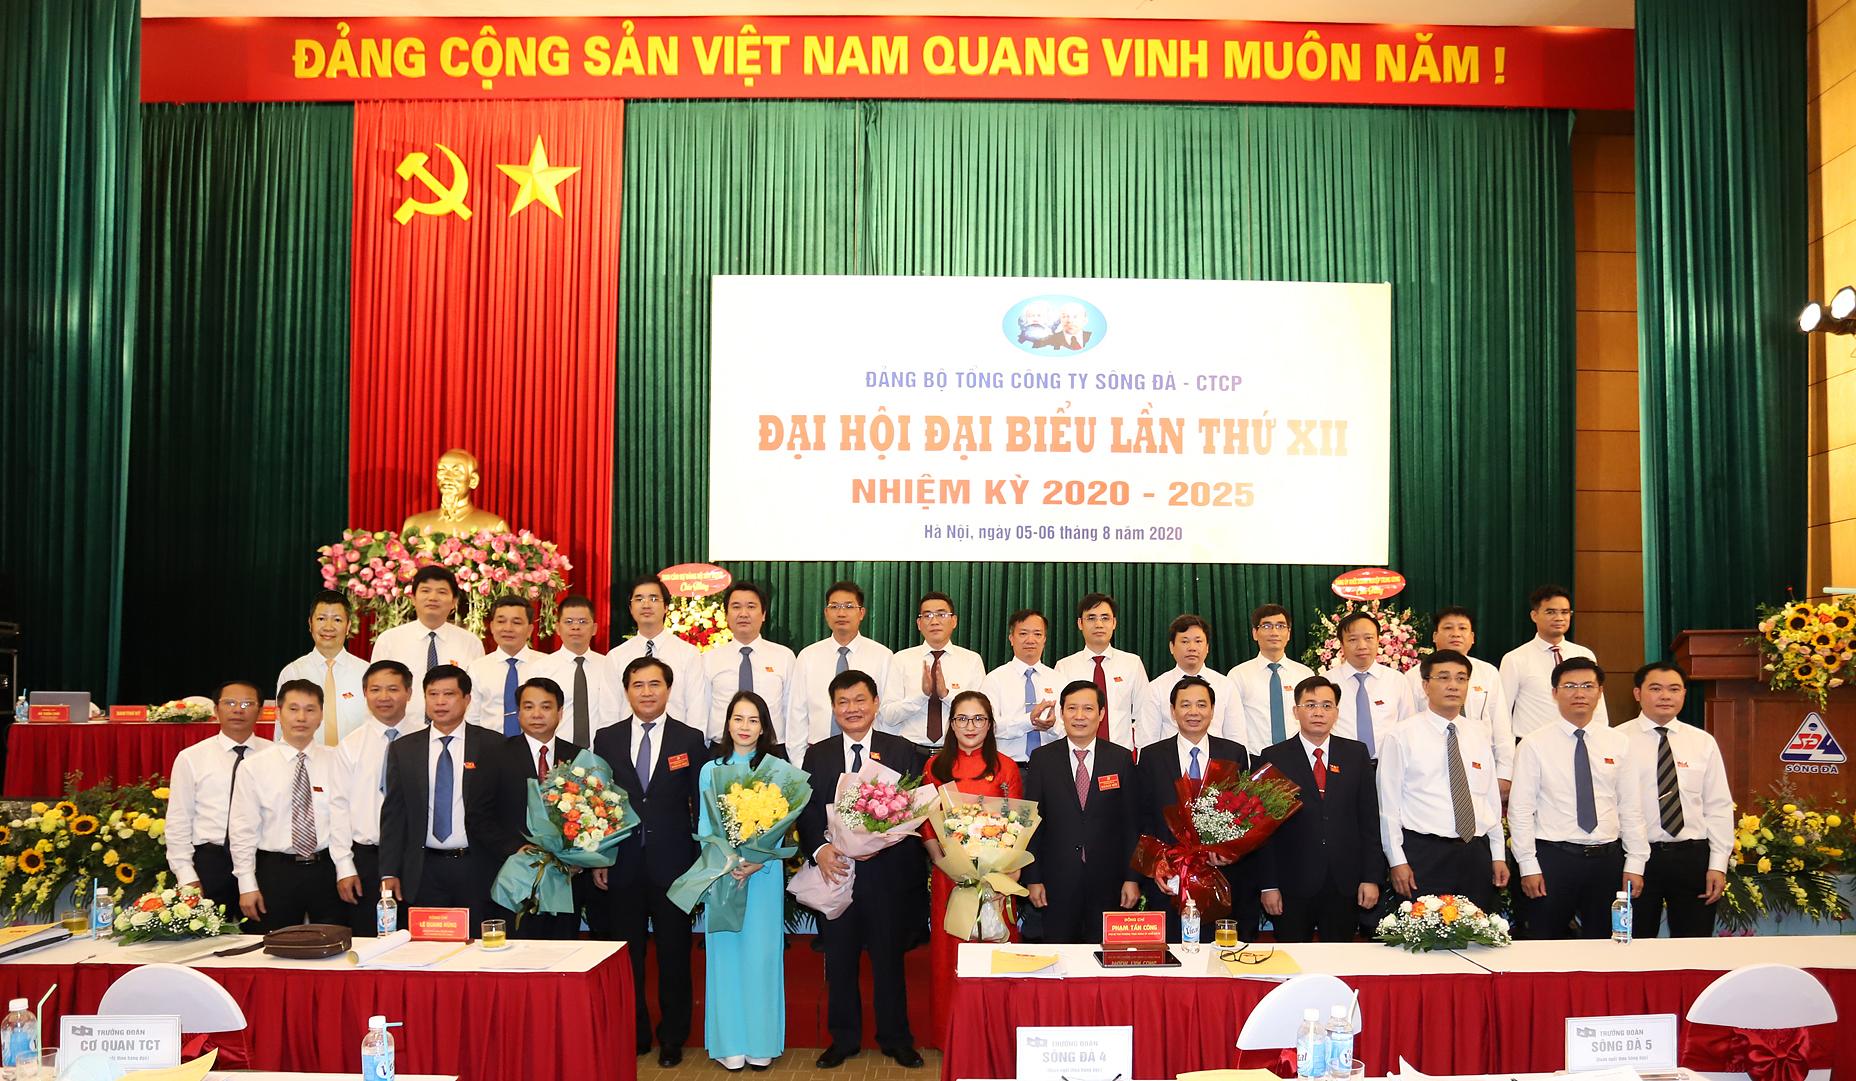 Phát huy truyền thống đơn vị Anh hùng, giữ vững thương hiệu hàng đầu của Tổng công ty Sông Đà ở trong nước, khu vực và quốc tế